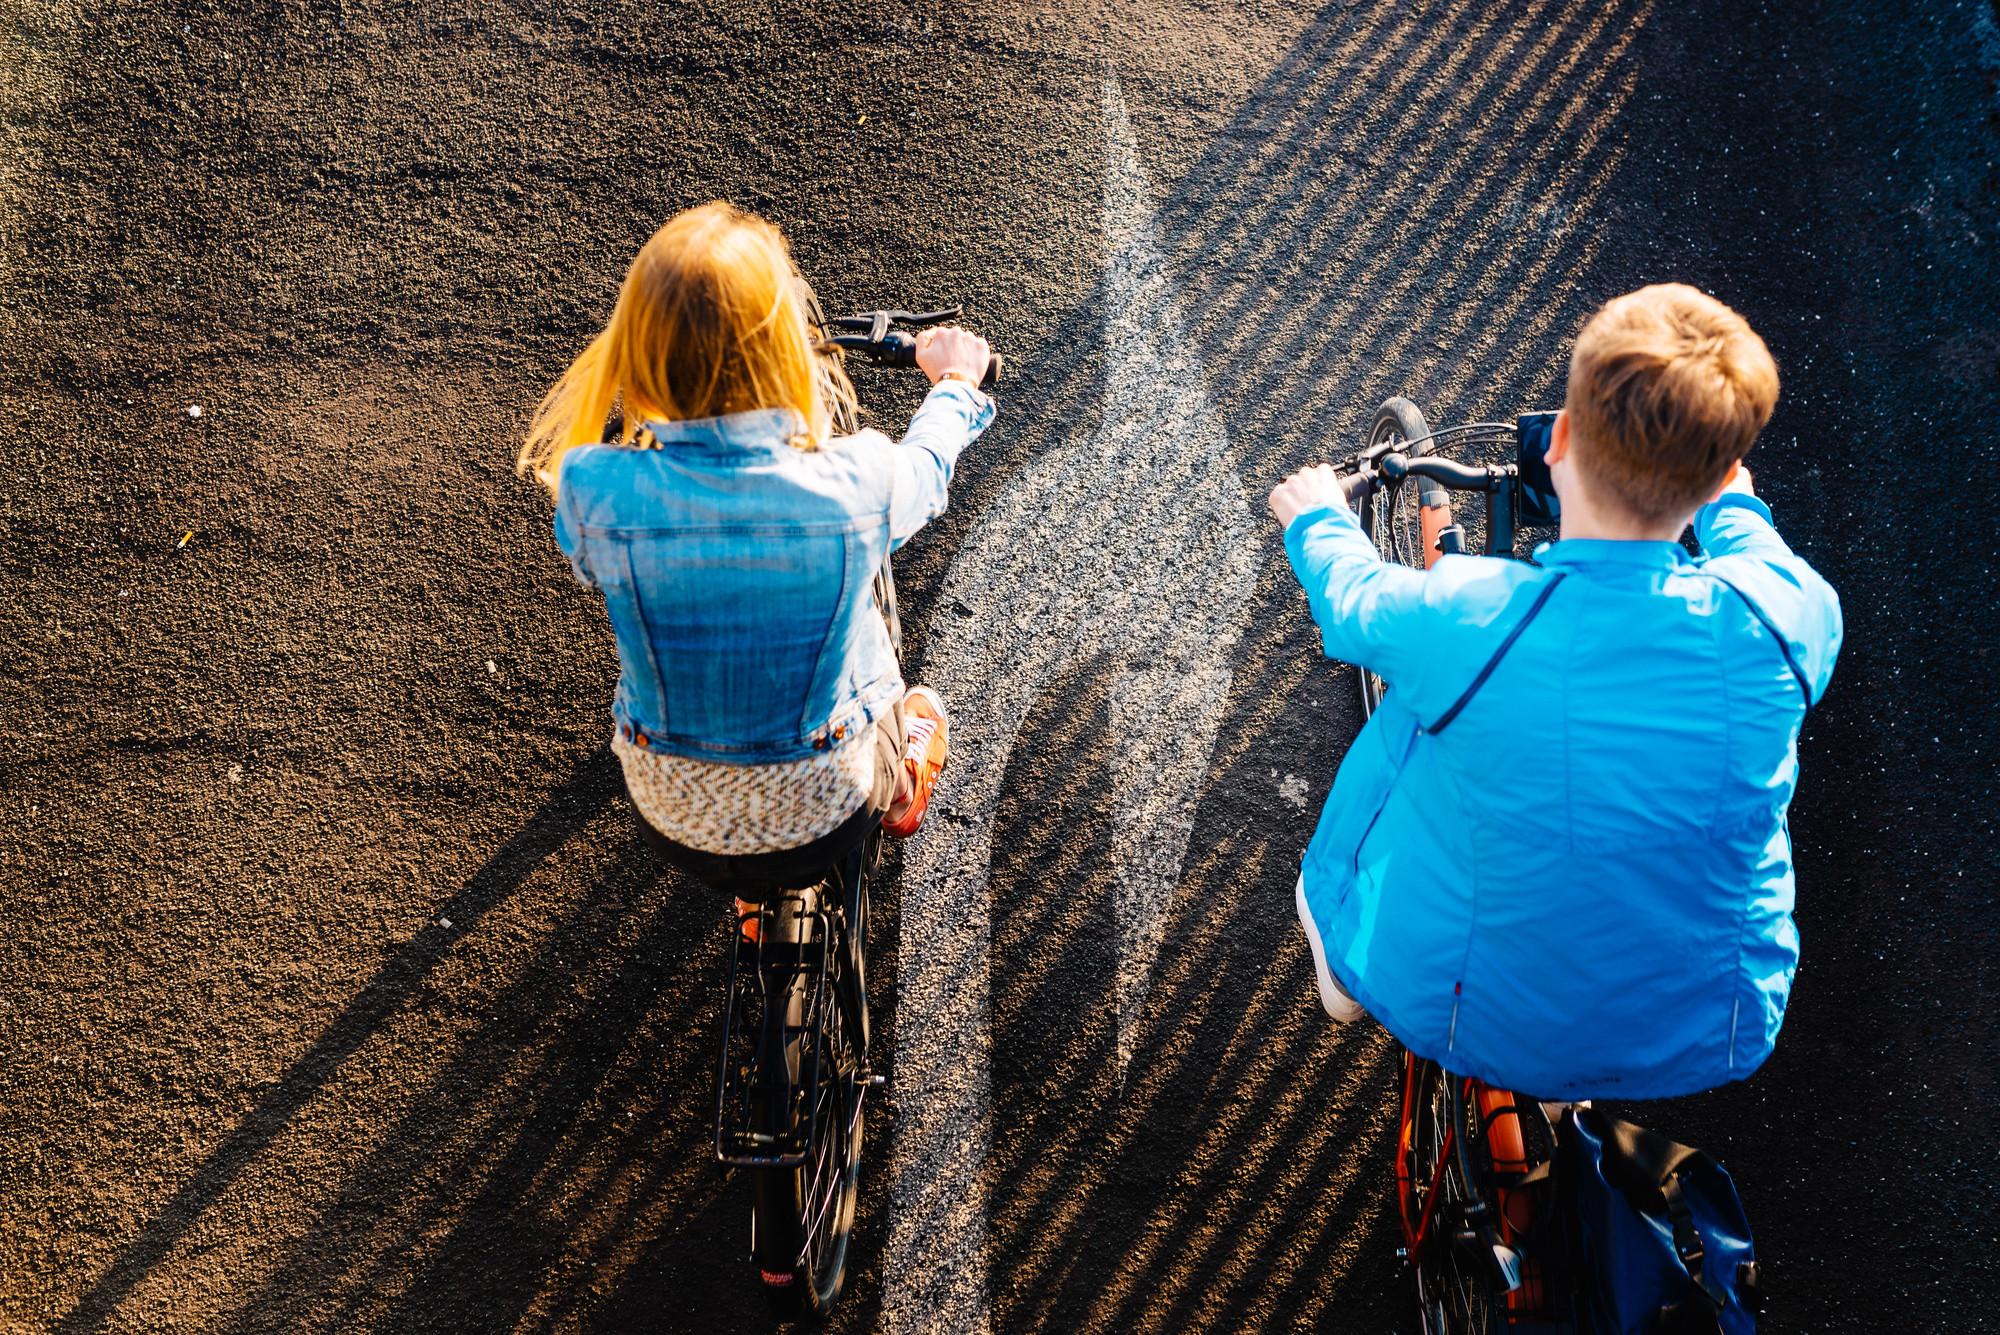 Ein Mann und eine Frau auf dem Fahrrad in einer Luftaufnahme fotografiert